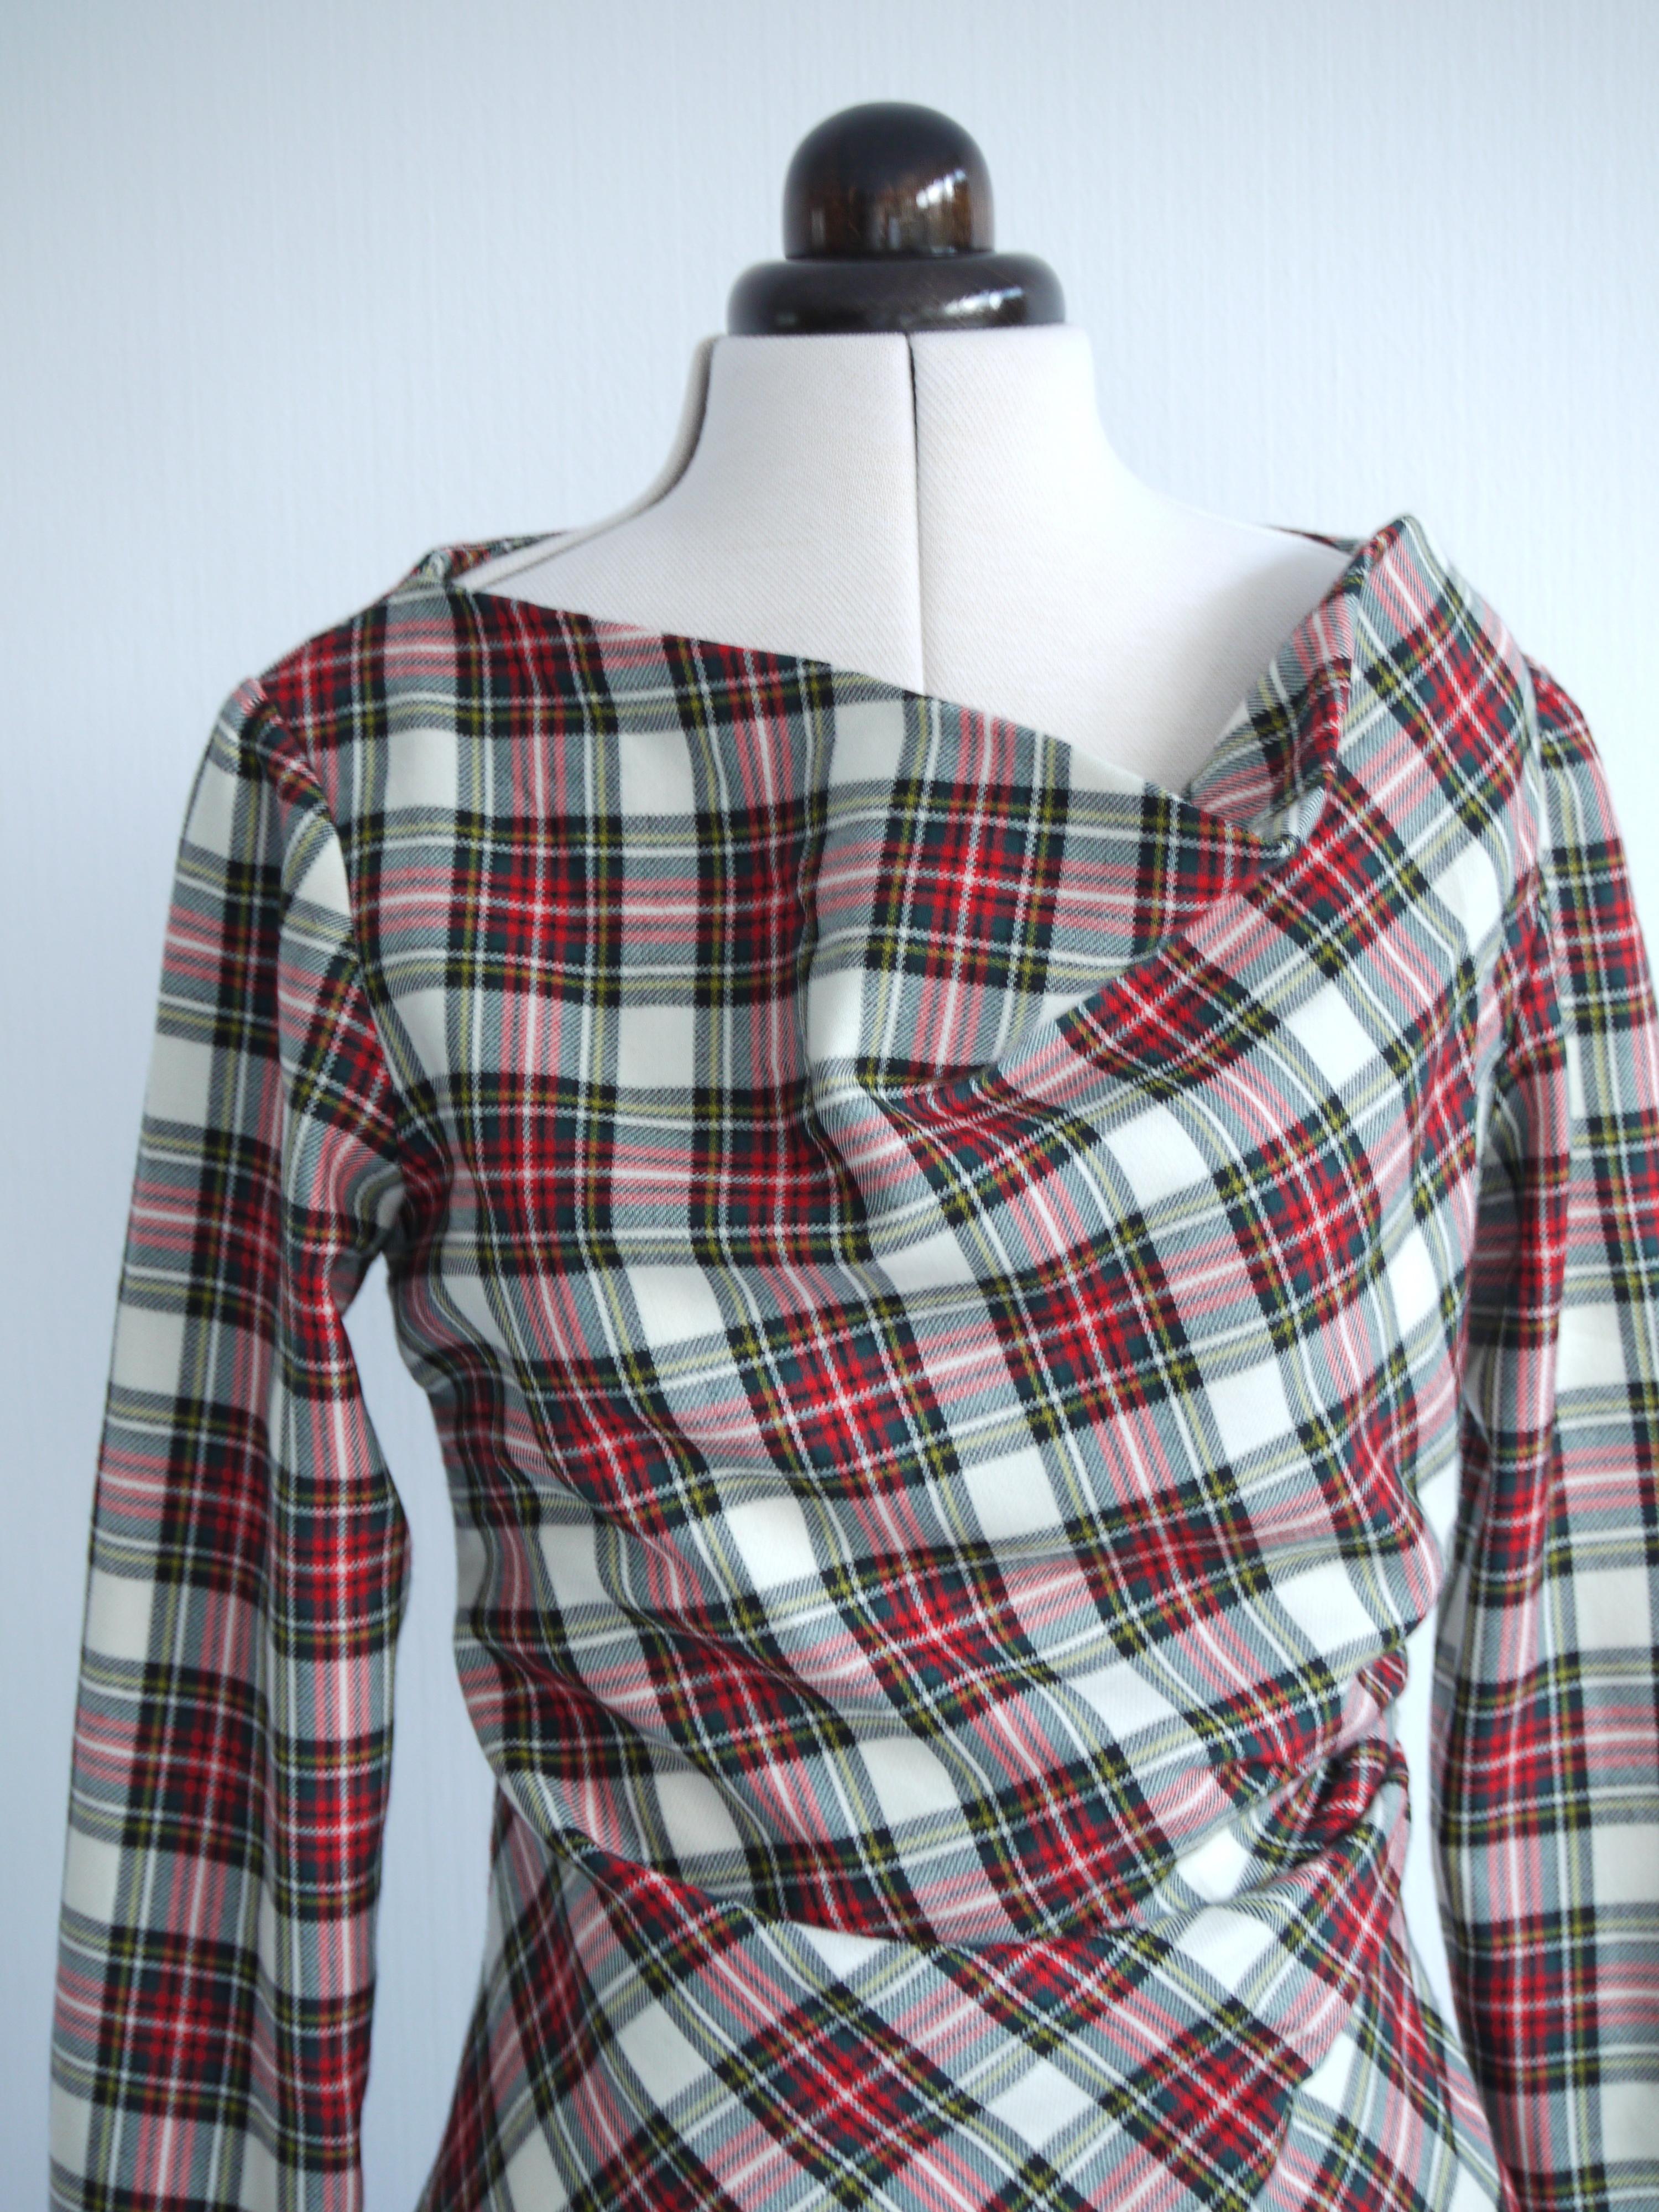 Anglomania dress in tartan merino wool